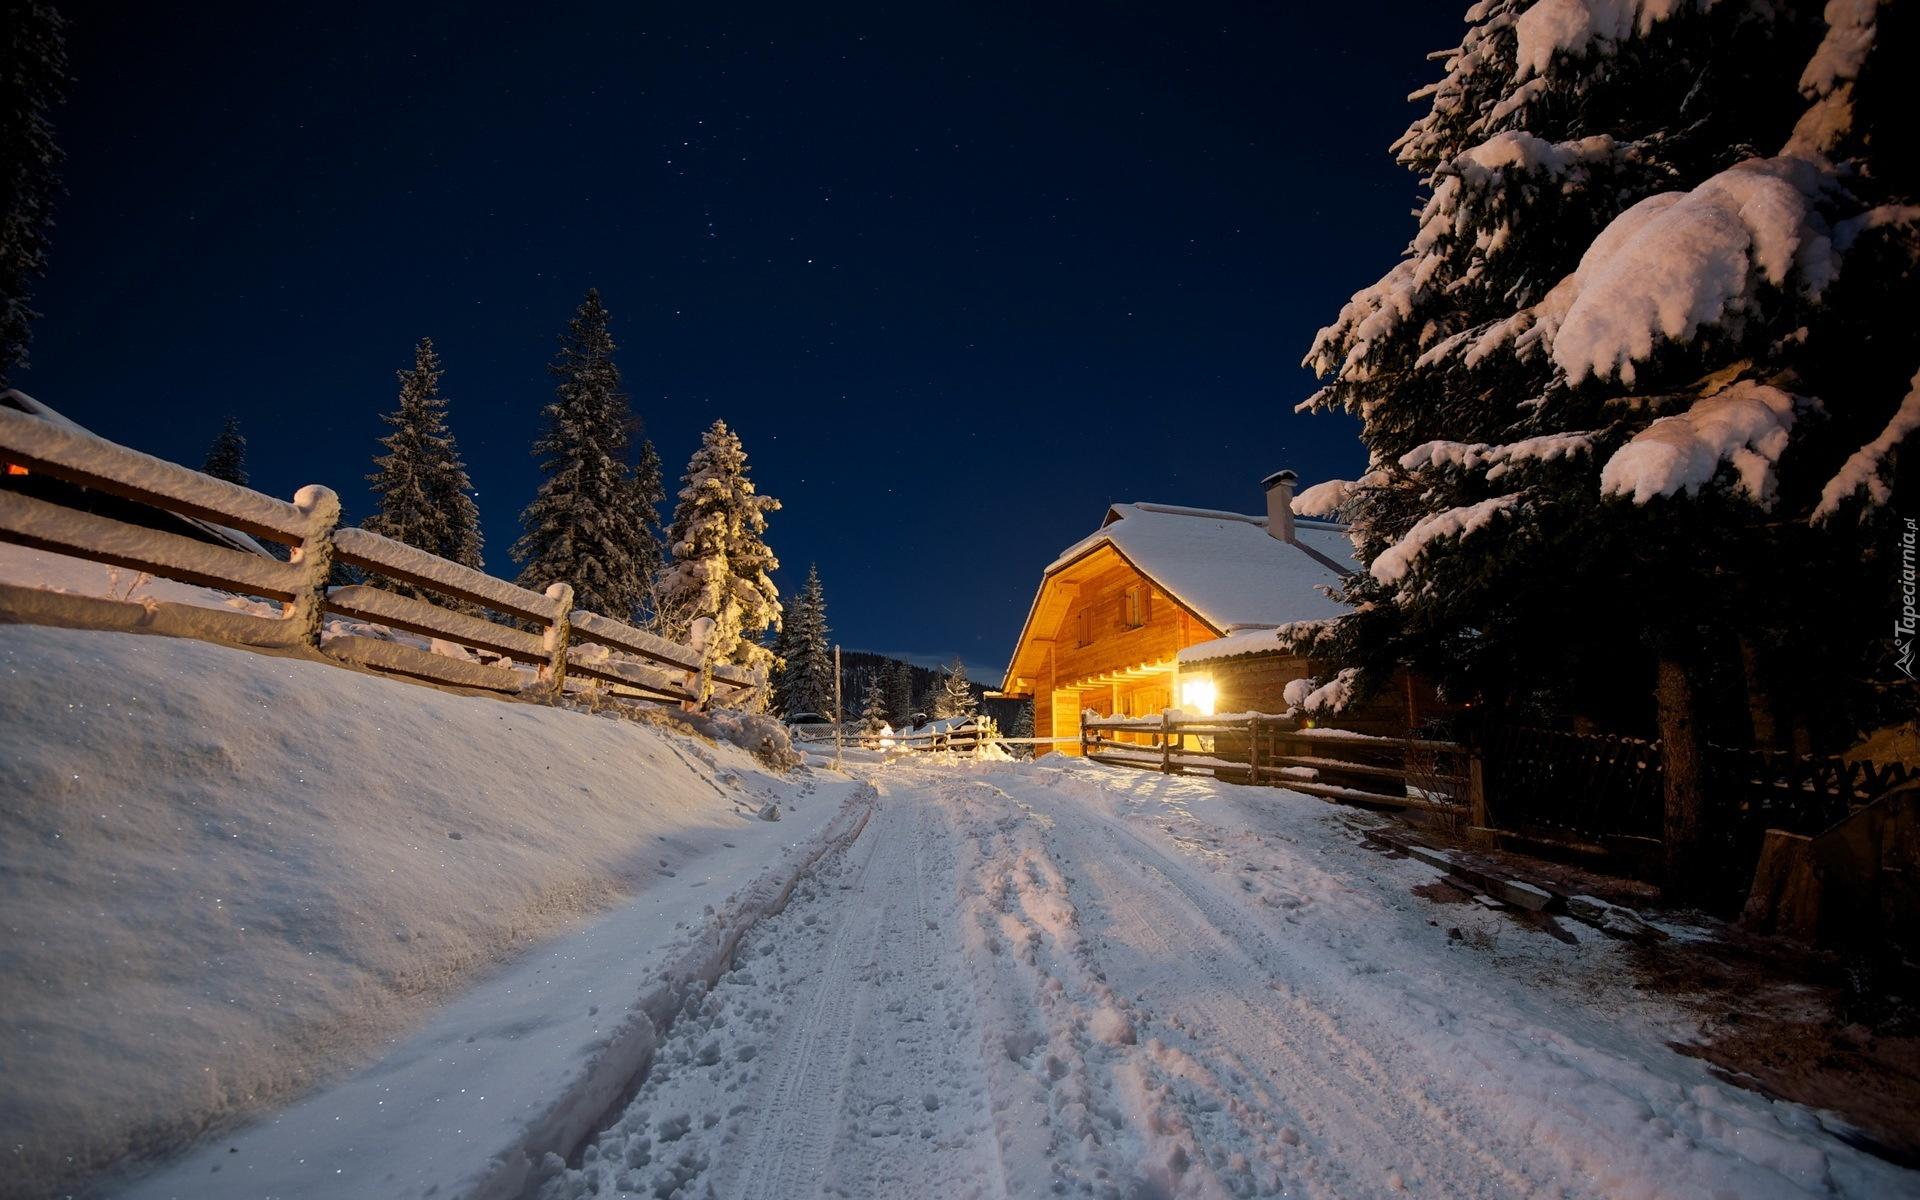 дорога зима вечер снег  № 3902560  скачать